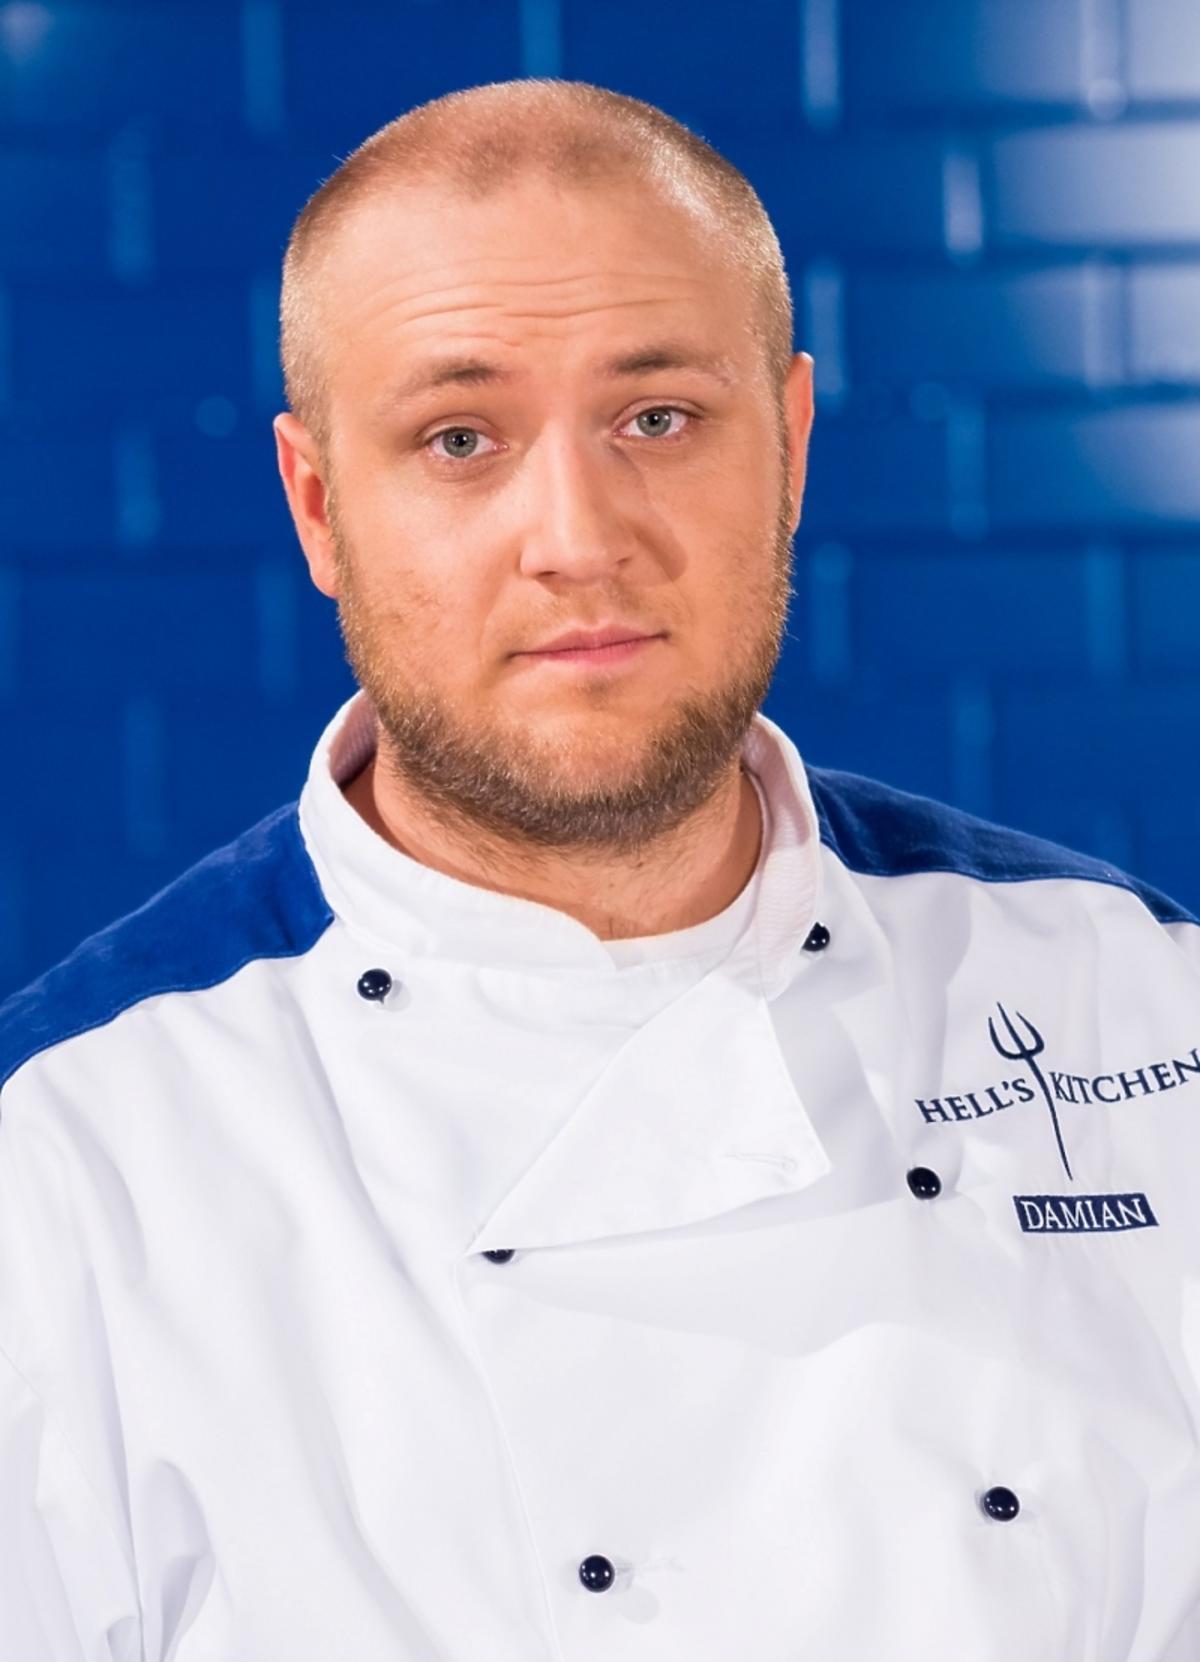 Damian Marchlewicz w kucharskim stroju w Hell's Kitchen